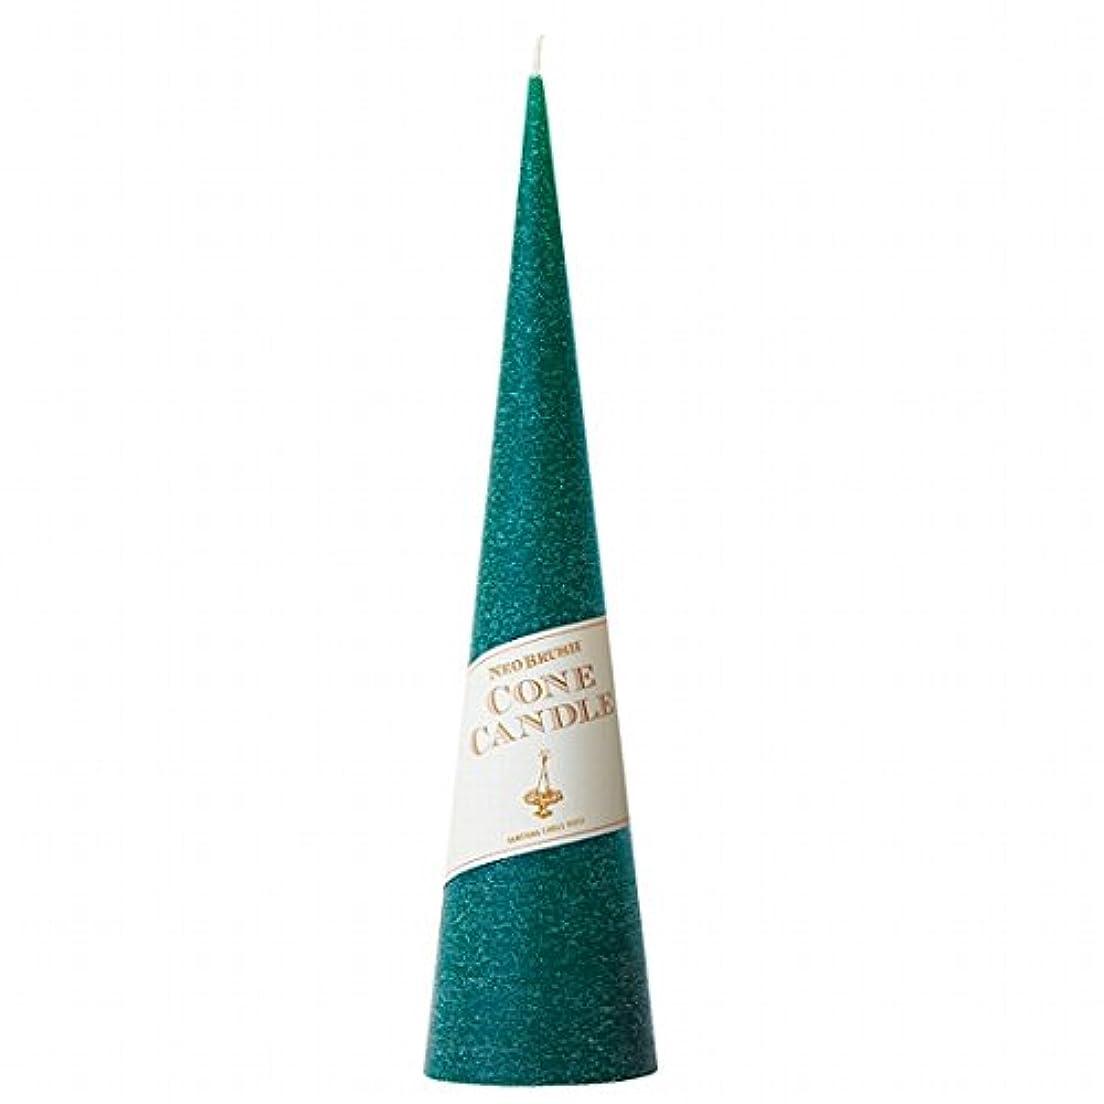 幹確認たまにカメヤマキャンドル(kameyama candle) ネオブラッシュコーン 295 キャンドル 「 グリーン 」